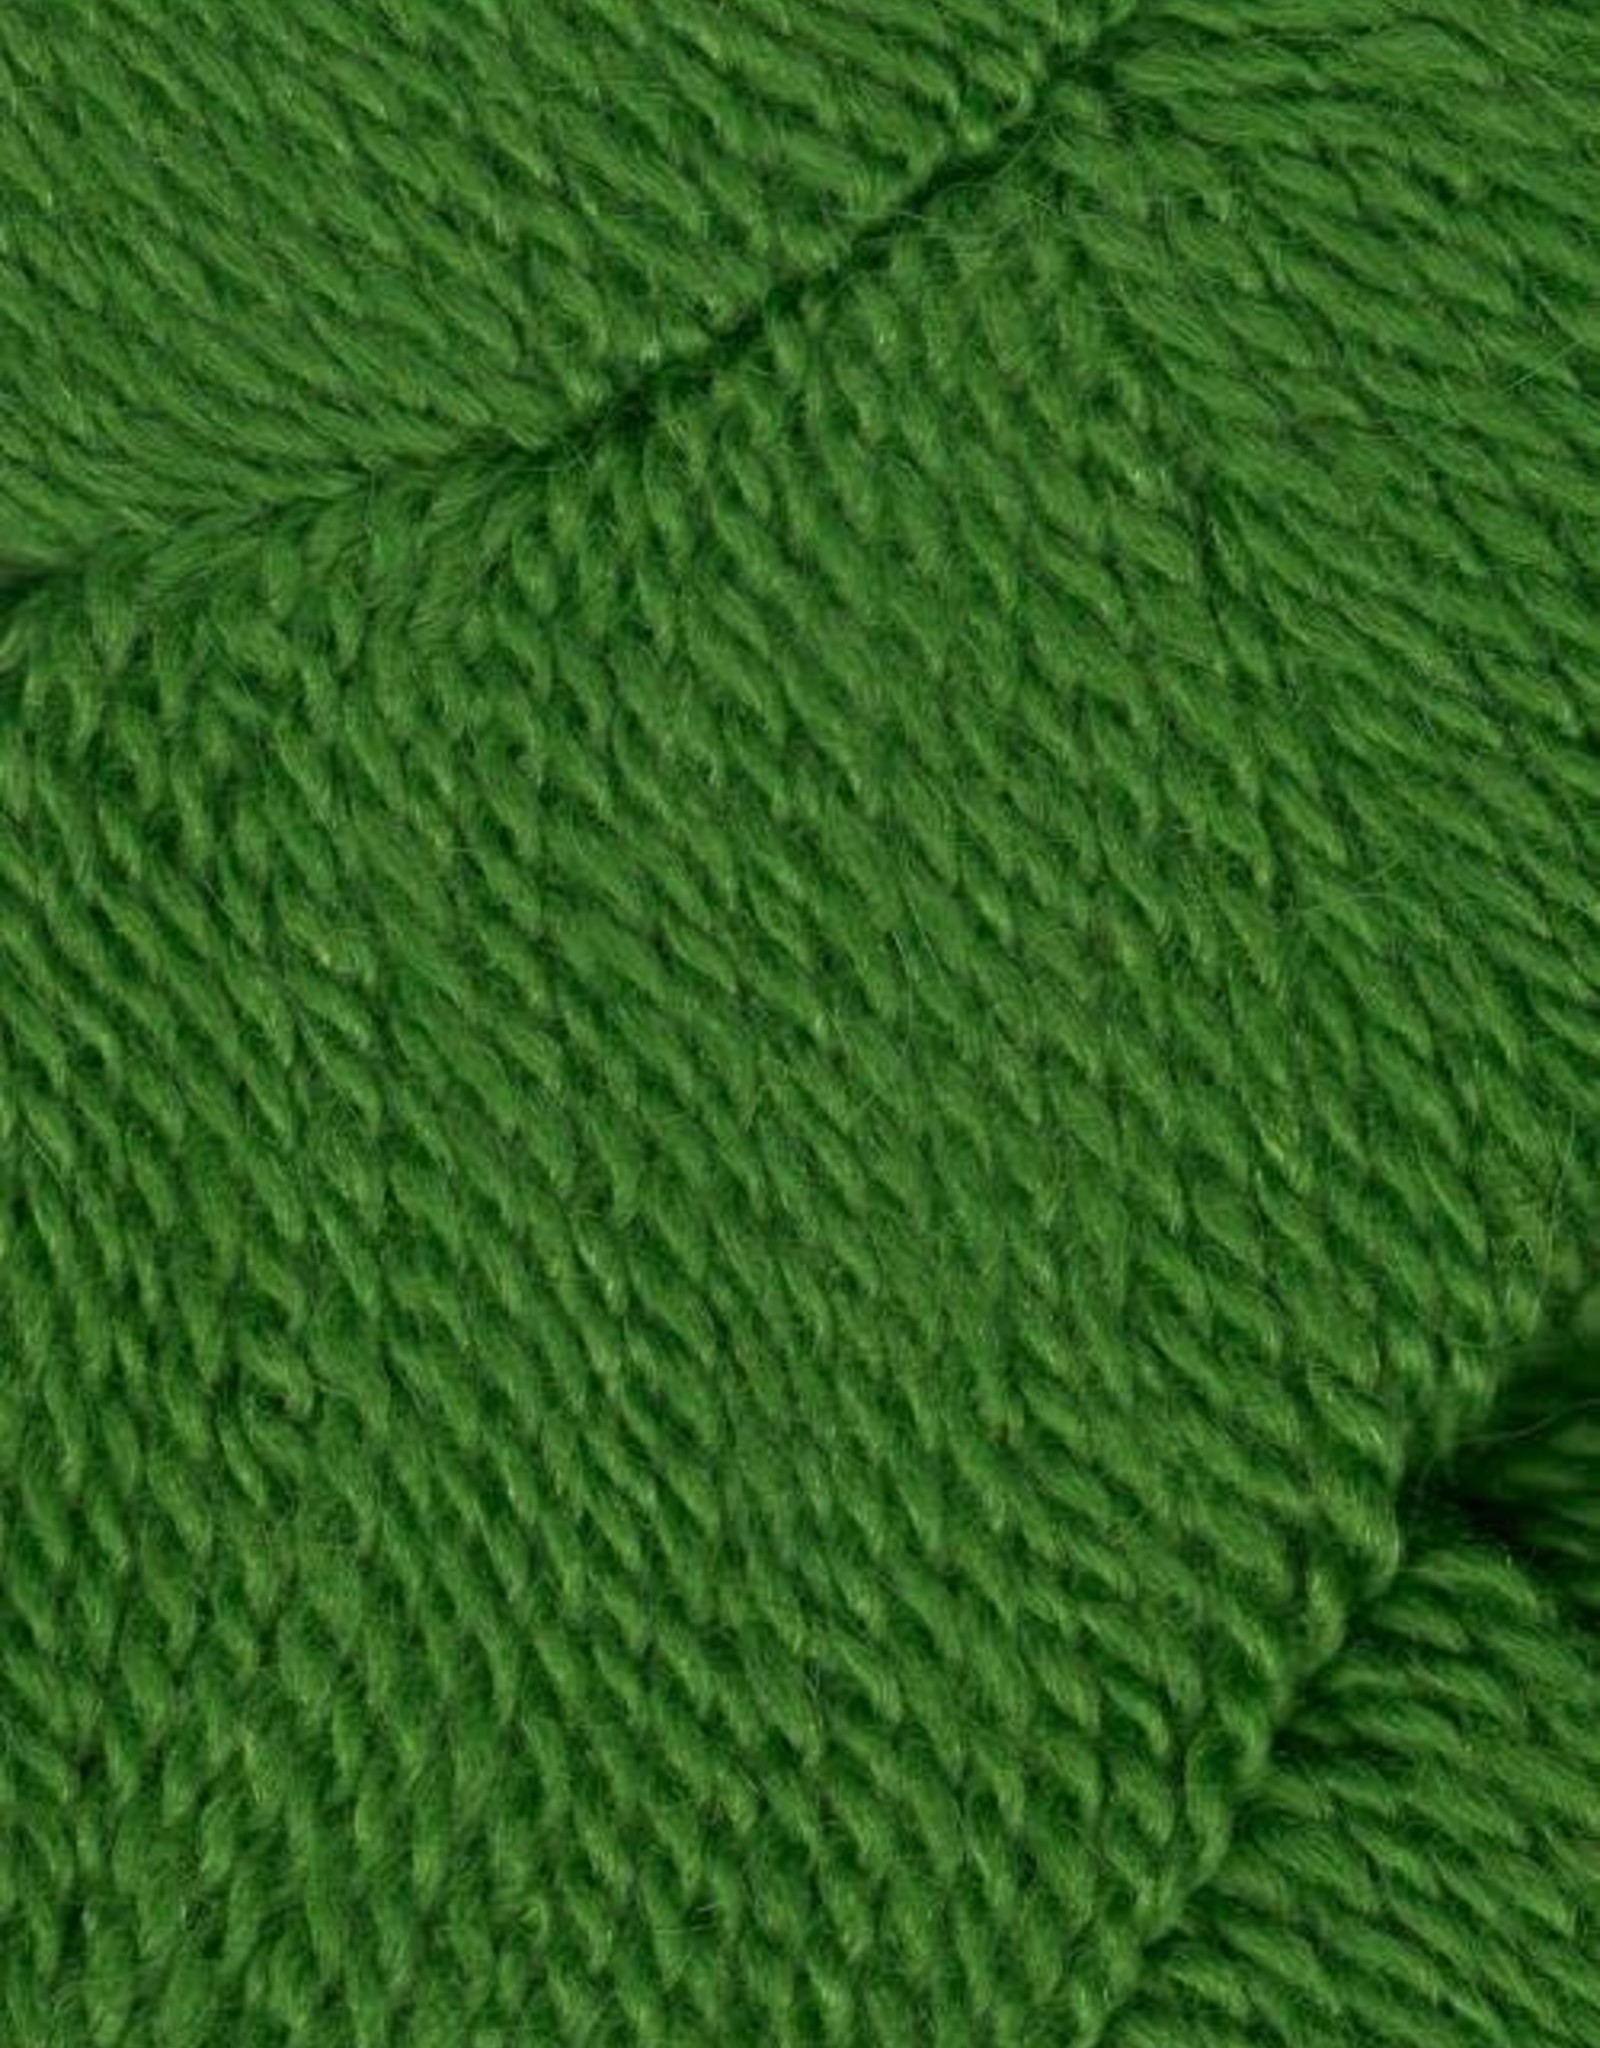 Sulka Legato 50g 56 bentgrass